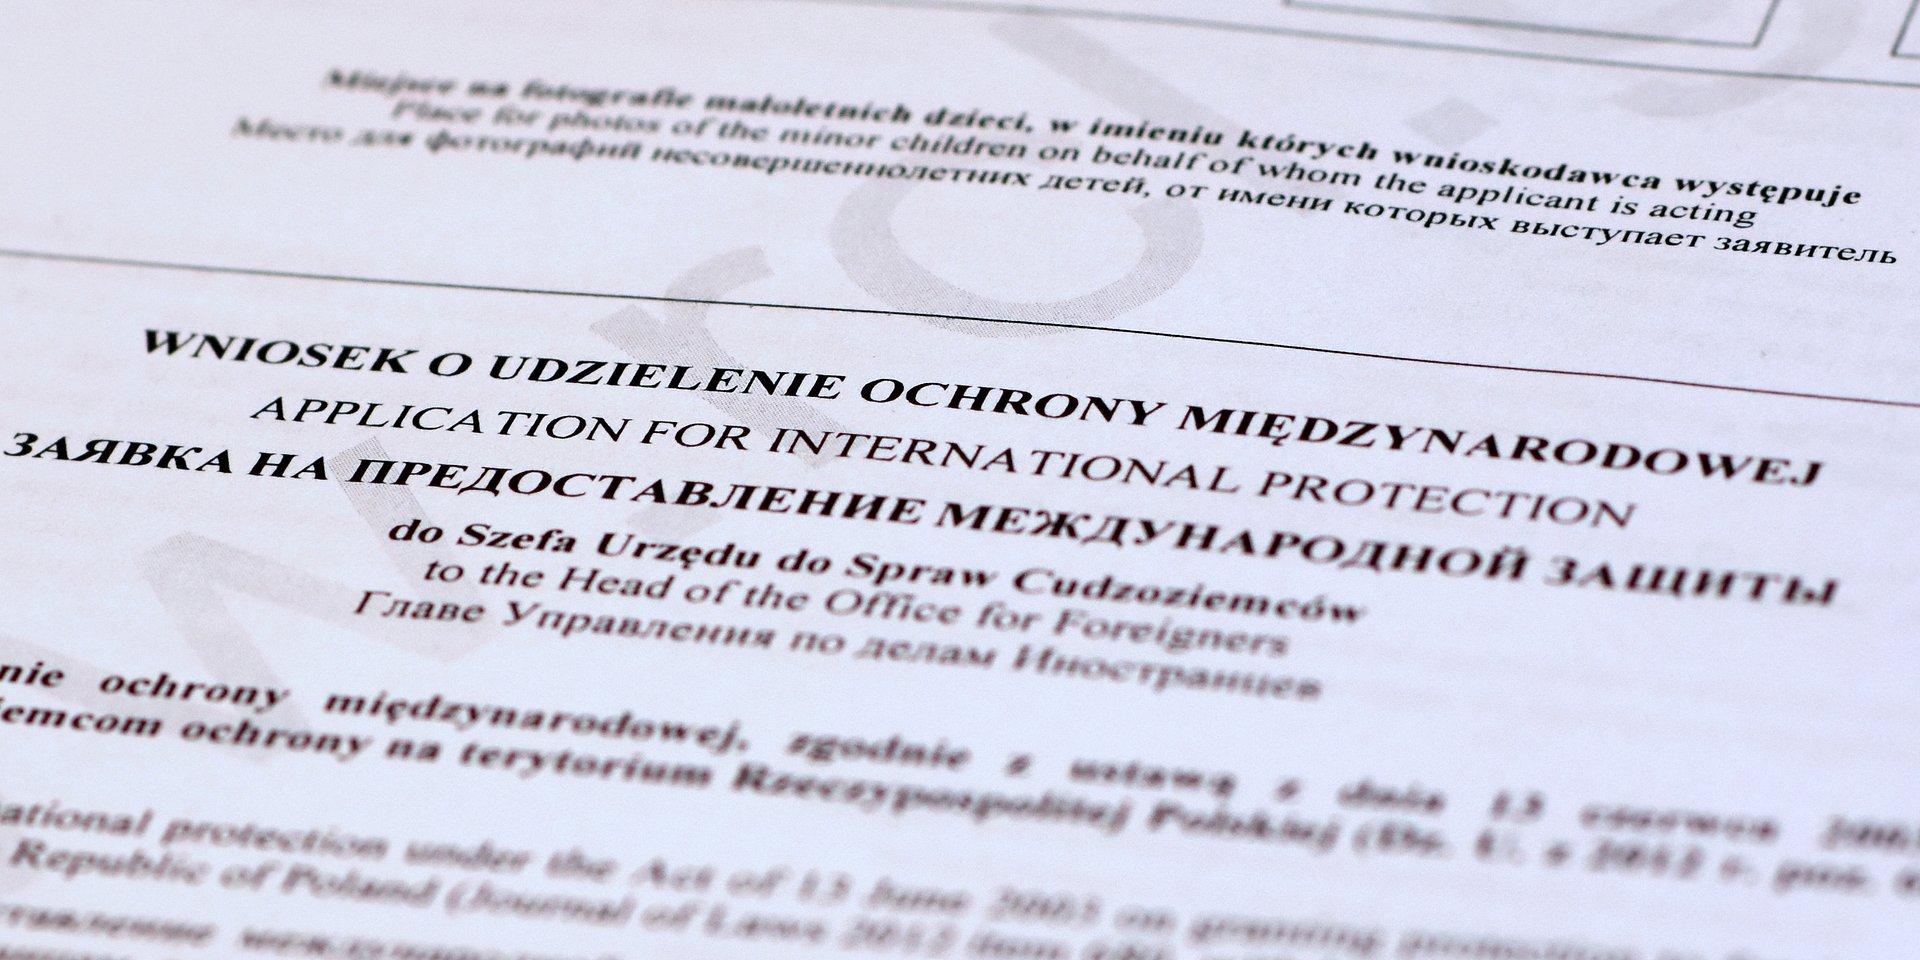 Ochrona międzynarodowa w I połowie 2019 r.